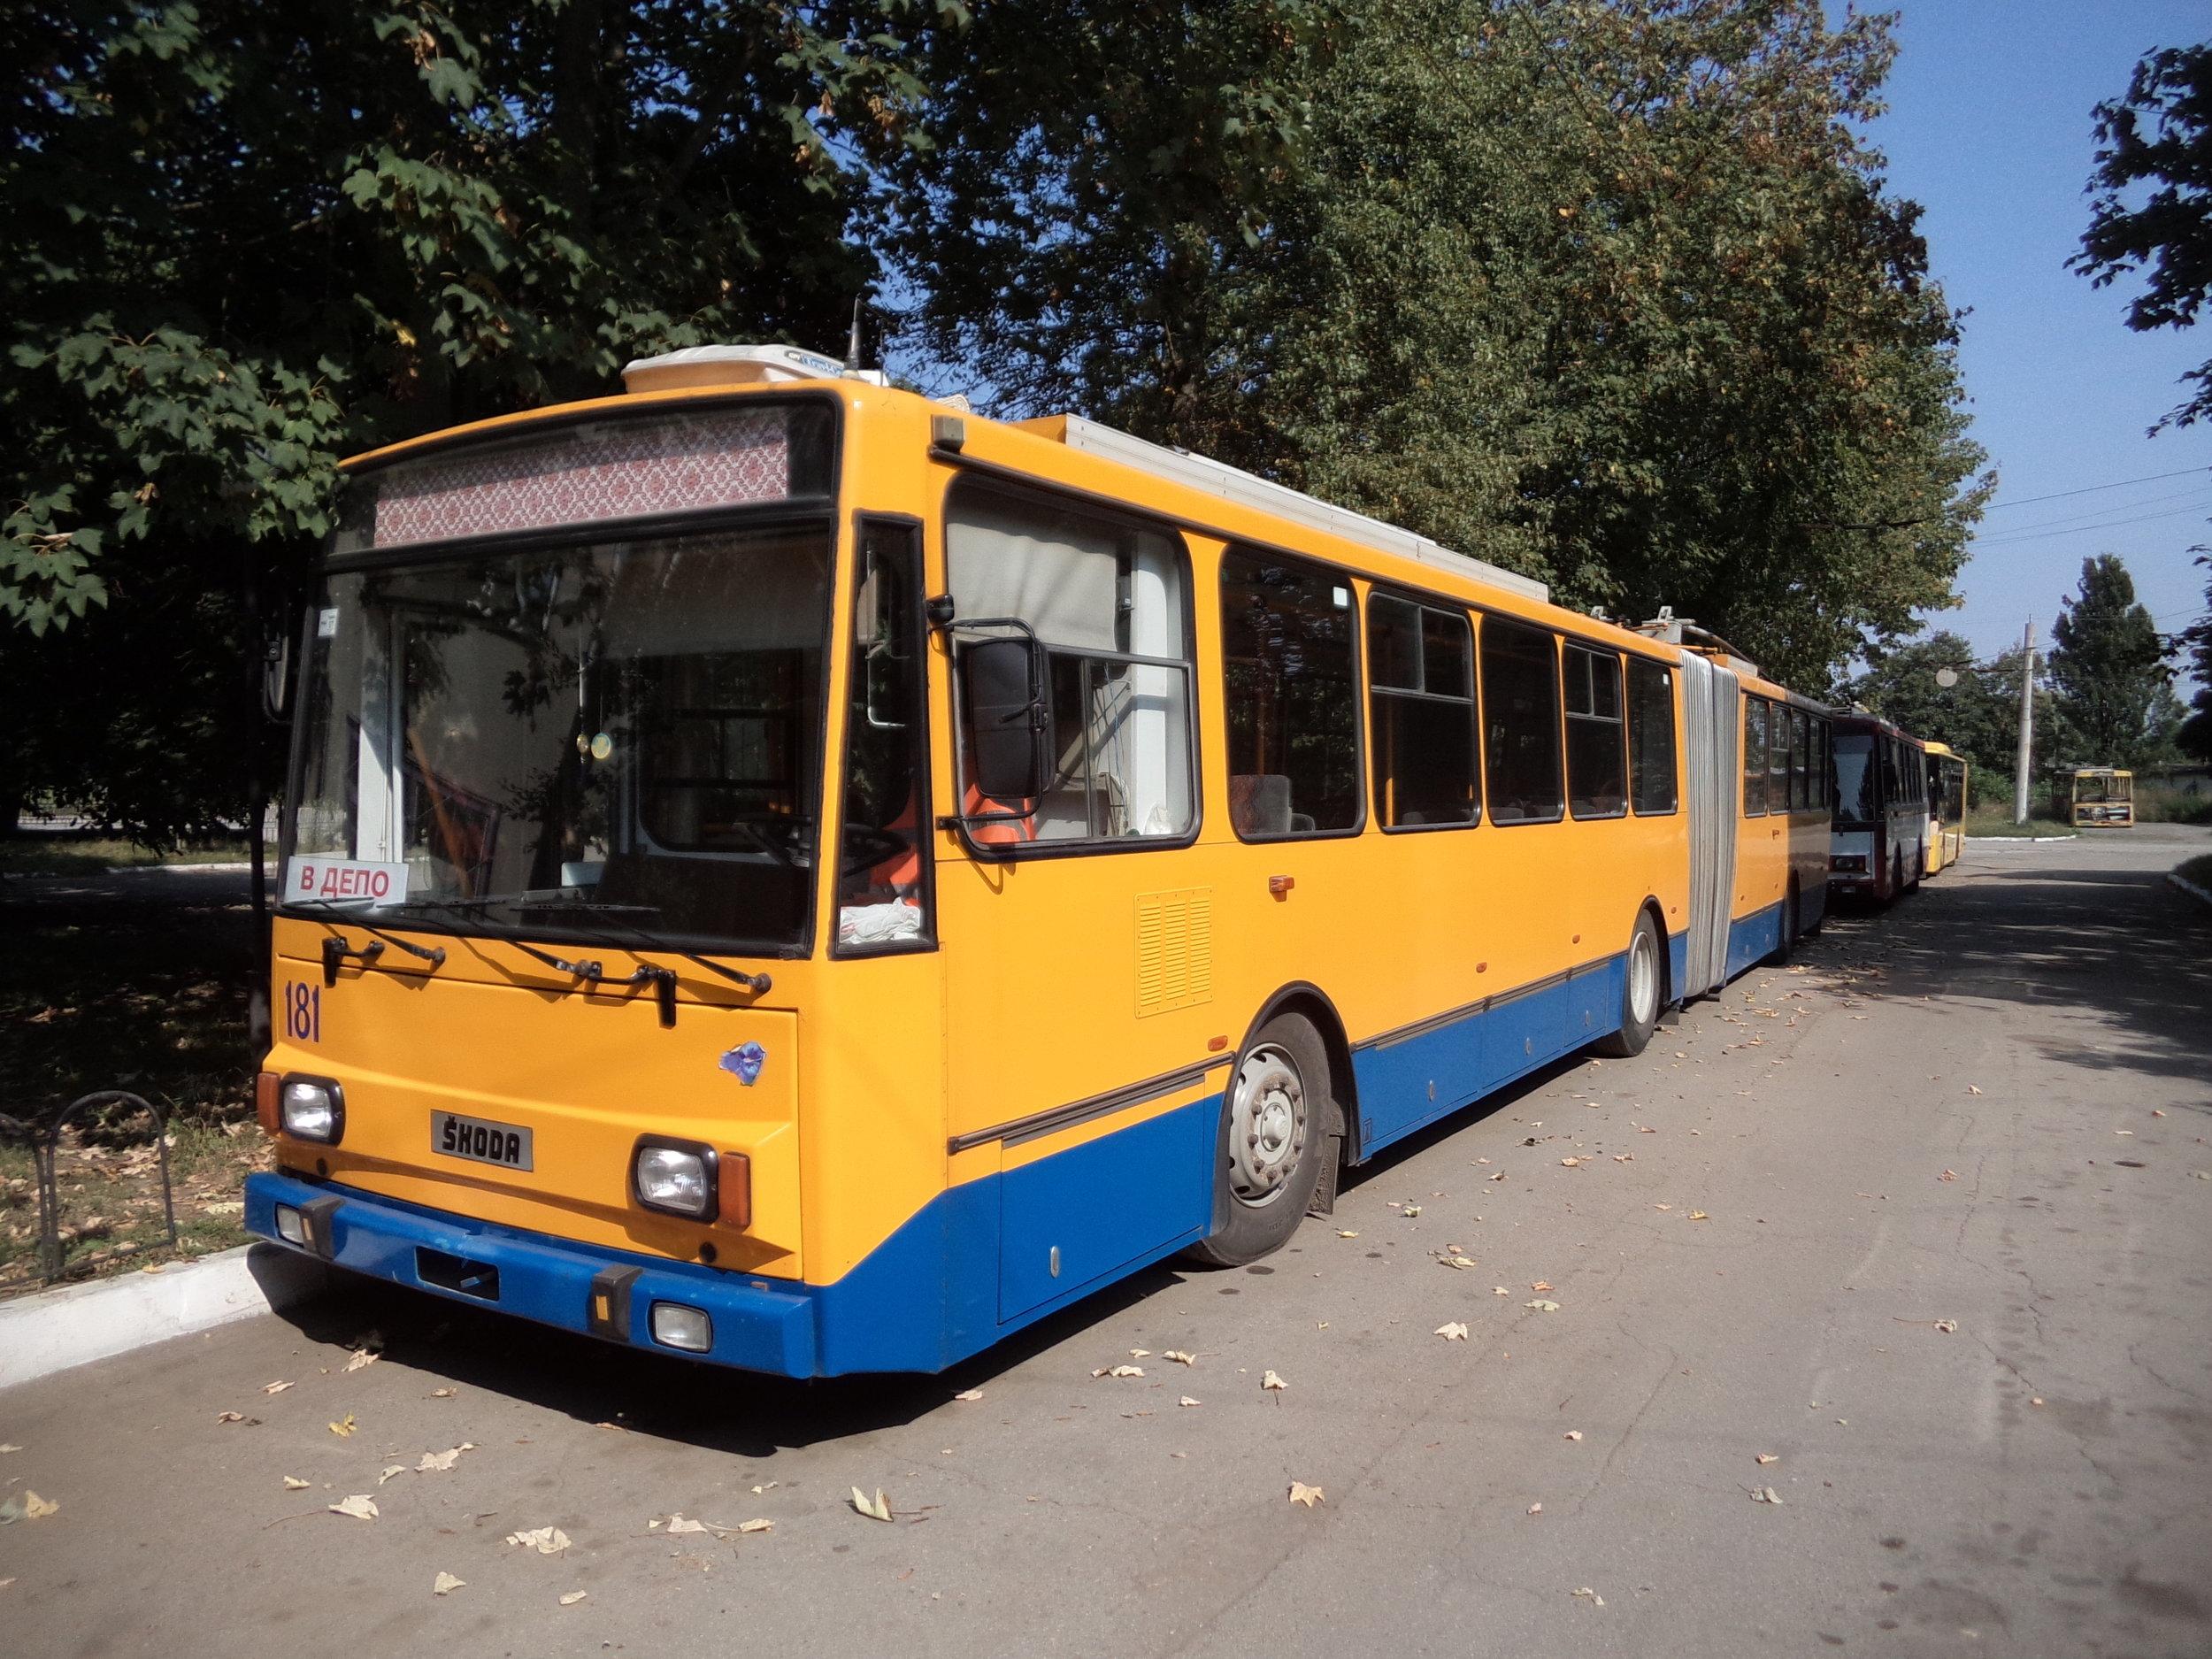 """Tento trolejbus typu 15Tr13/6M dorazil loni ze Zlína a jedná se o jediný článkový vůz značky Škoda, který kdy v Ivano-Frankivsku působil. Momentálně se zvažuje pořízení dalších ojetých článkových Škodovek. Pozorný čtenář si v pozadí snímku jistě povšiml i krátkého trolejbusu, který čtvrtstoletí sloužil cestujícím Brna, jmenovitě se jedná o vůz typu 14Tr10/6, v Ivano-Frankivsku vedený pod ev. č. 182. I on dorazil na Ukrajinu loni a je možné, že jej v dohledné době doplní další ojeté """"čtrnáctky""""."""